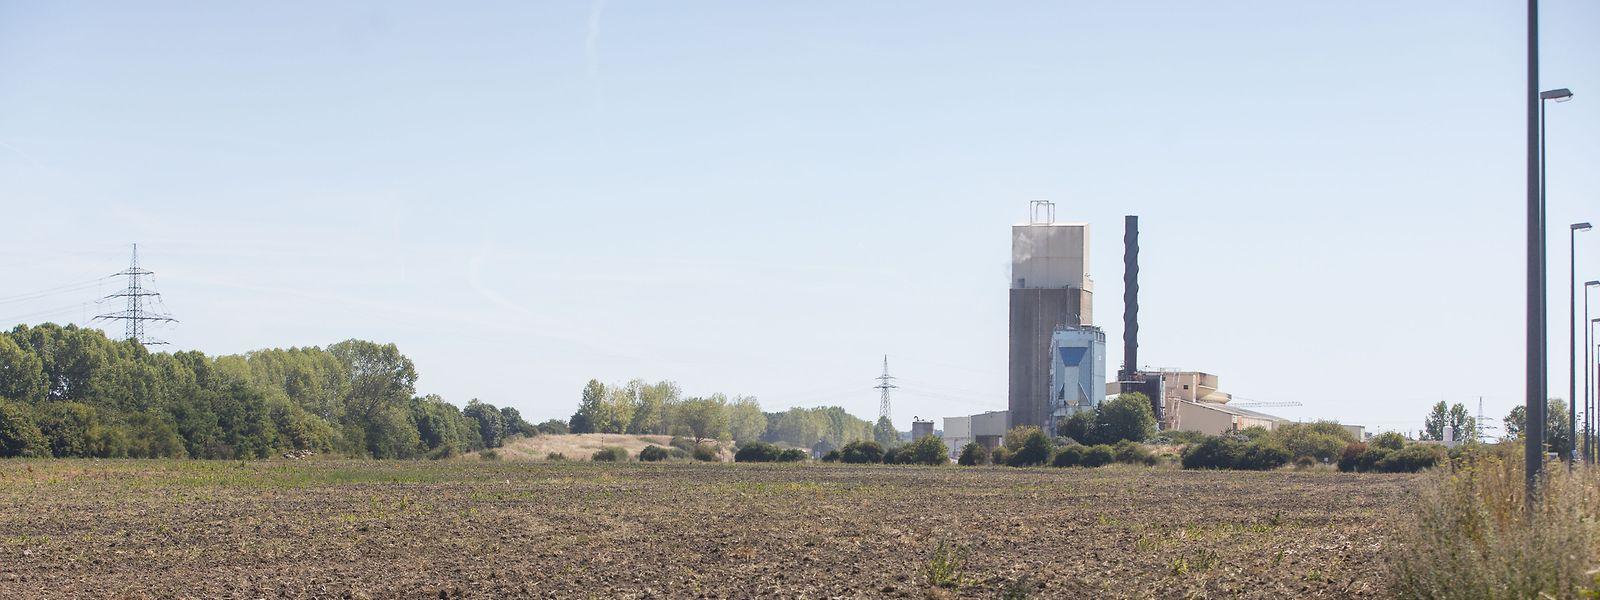 Die geplante Ansiedlung einer Fabrik des griechischen Joghurtherstellers Fage in Bettemburg steht unter keinem guten Stern. Jetzt werden Steuervorwürfe laut.